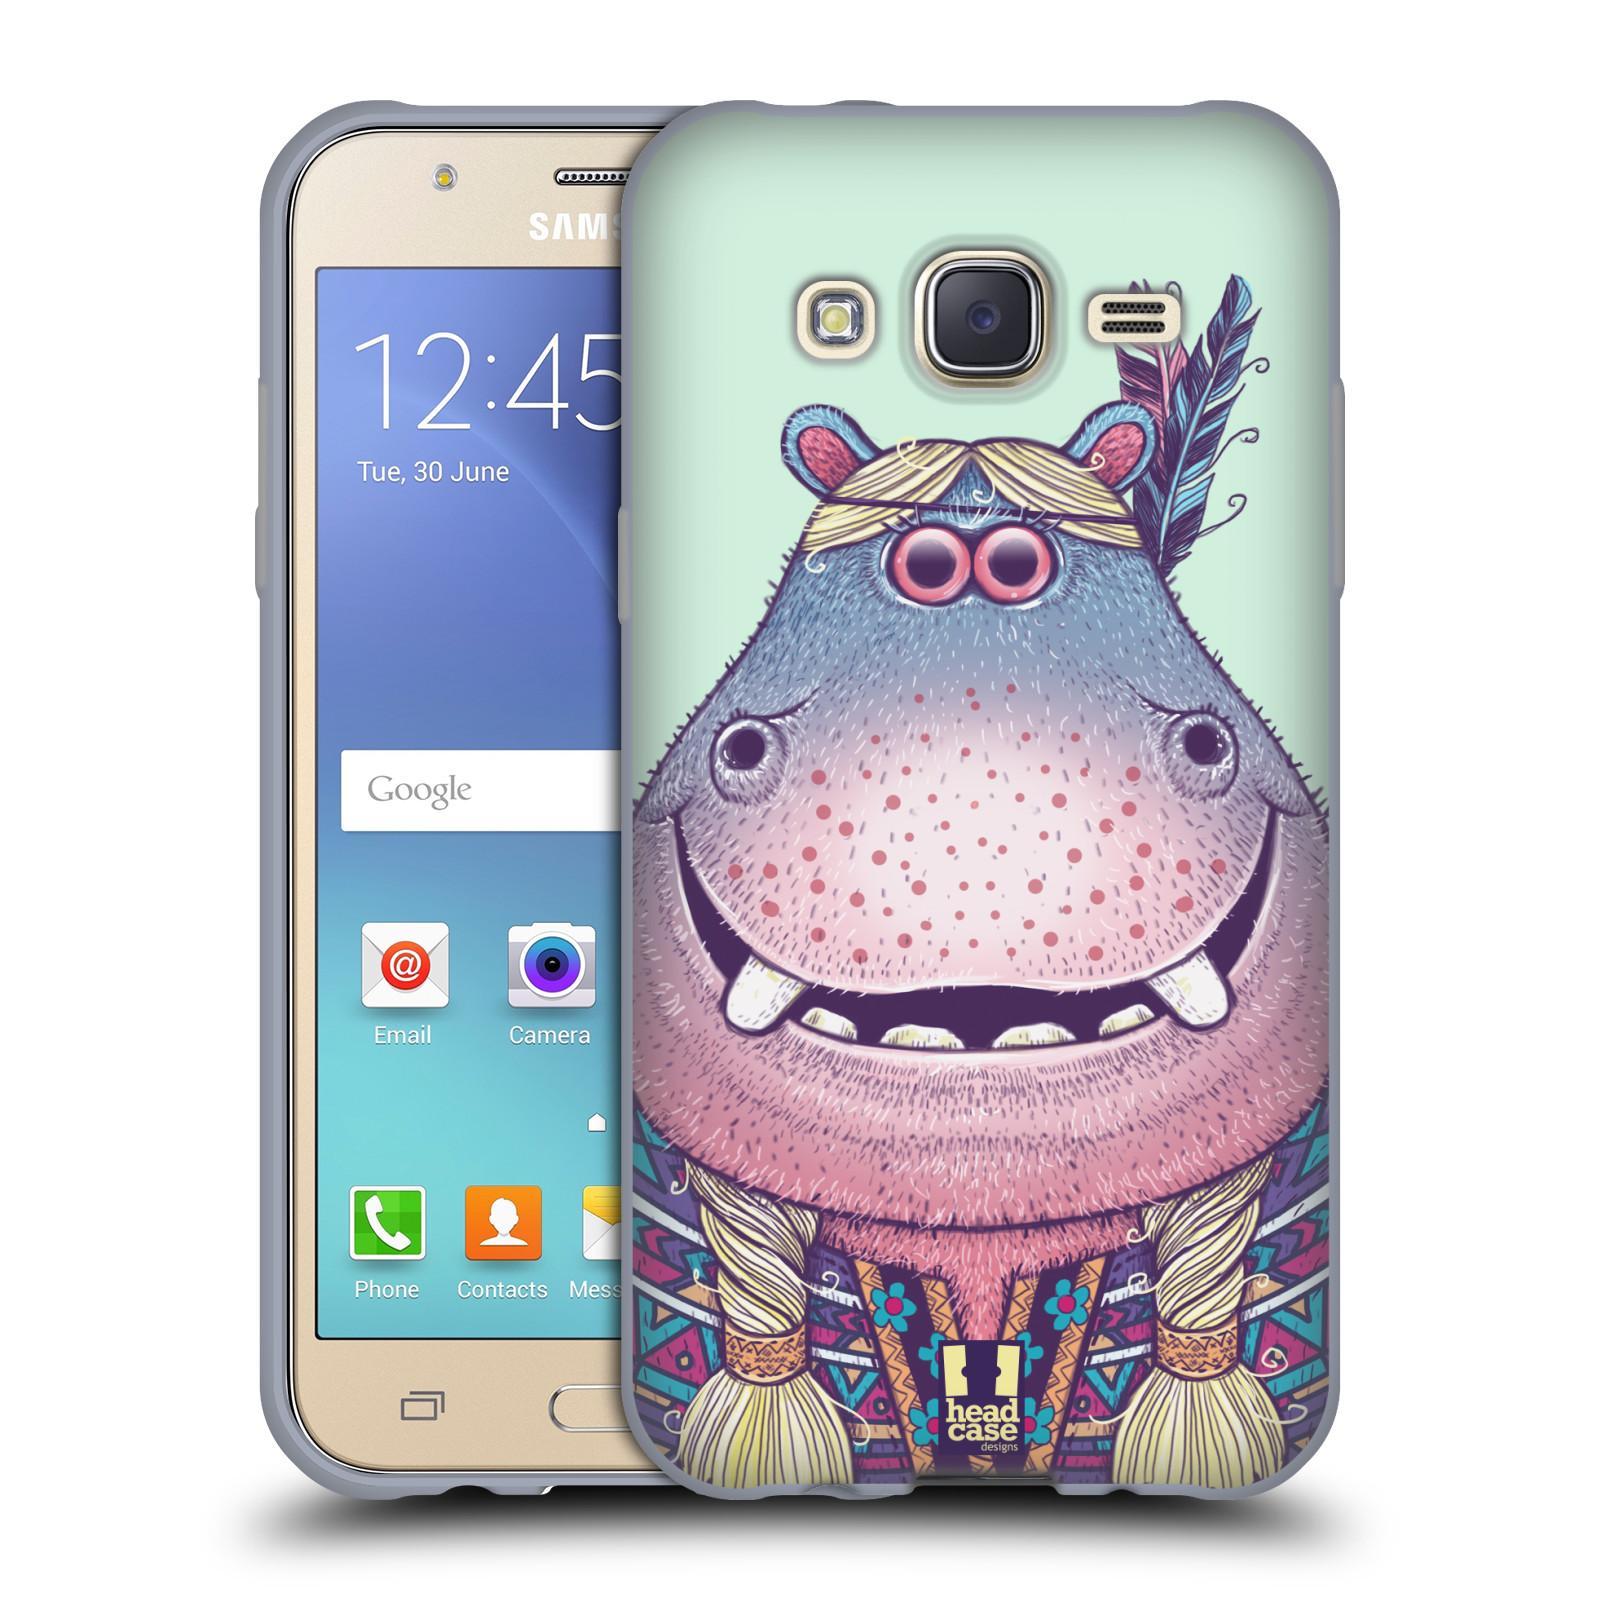 HEAD CASE silikonový obal na mobil Samsung Galaxy J5, J500, (J5 DUOS) vzor Kreslená zvířátka hroch